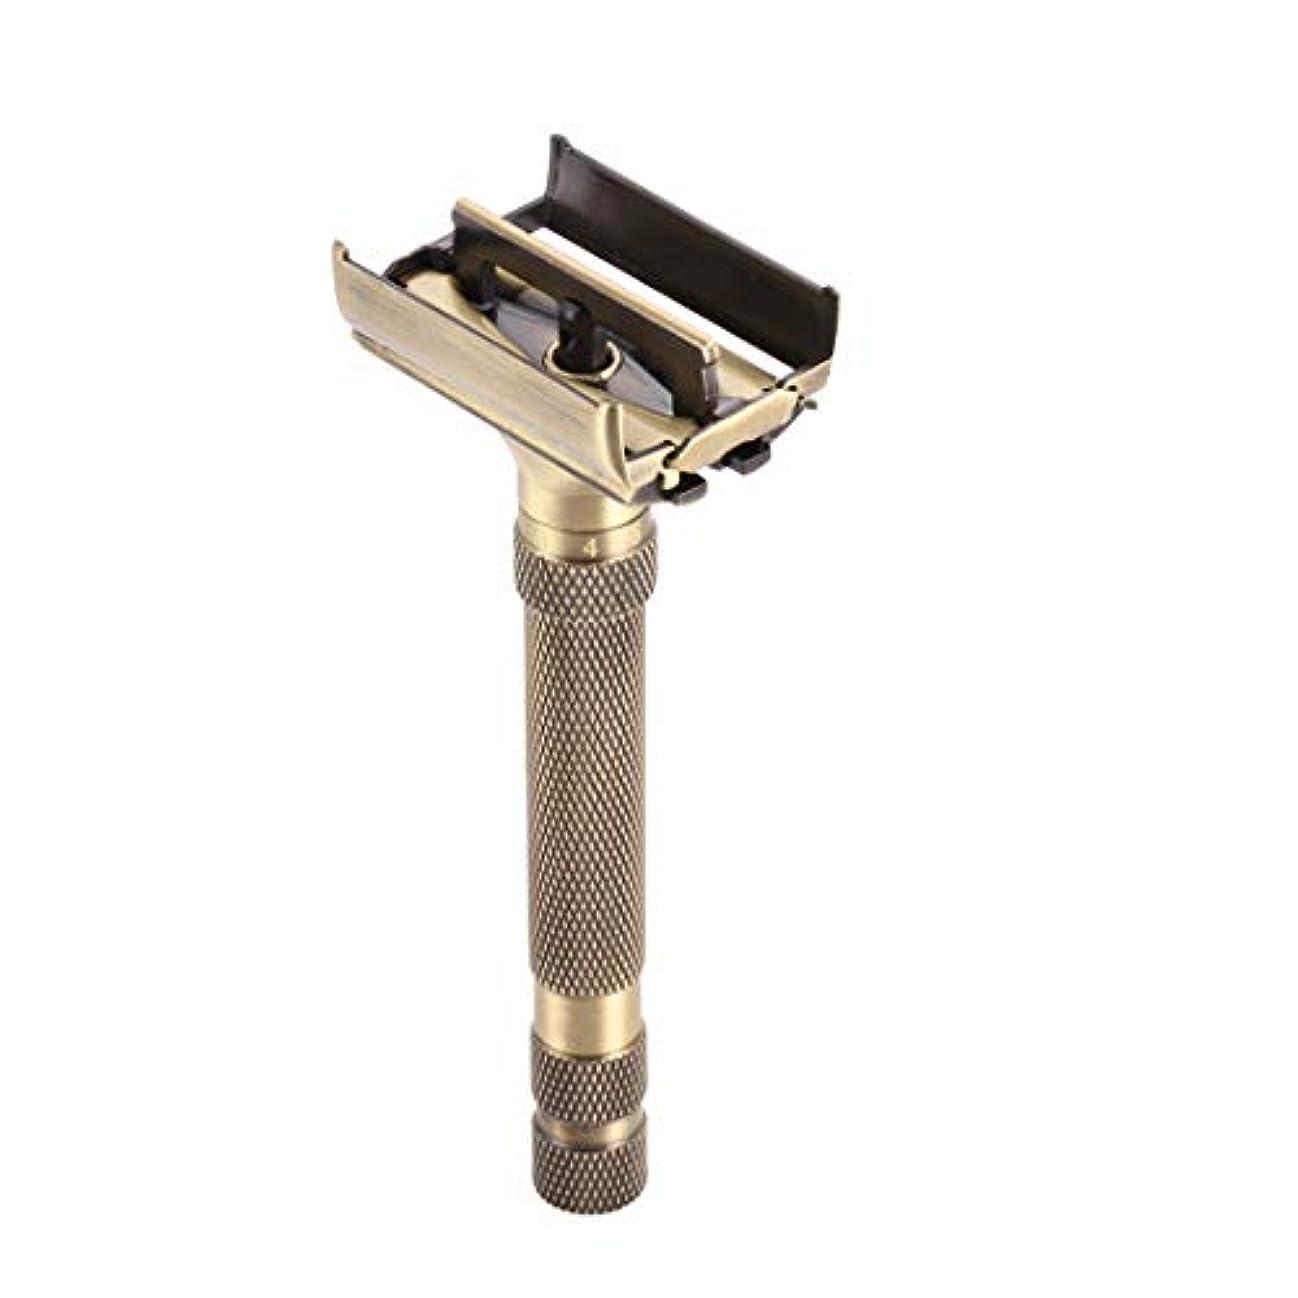 データベース意味するラボクラシックダブルエッジカミソリ真鍮両面手動かみそり ブレード露出調整可能 ダブルエッジ 安全レイザー 替刃5個付